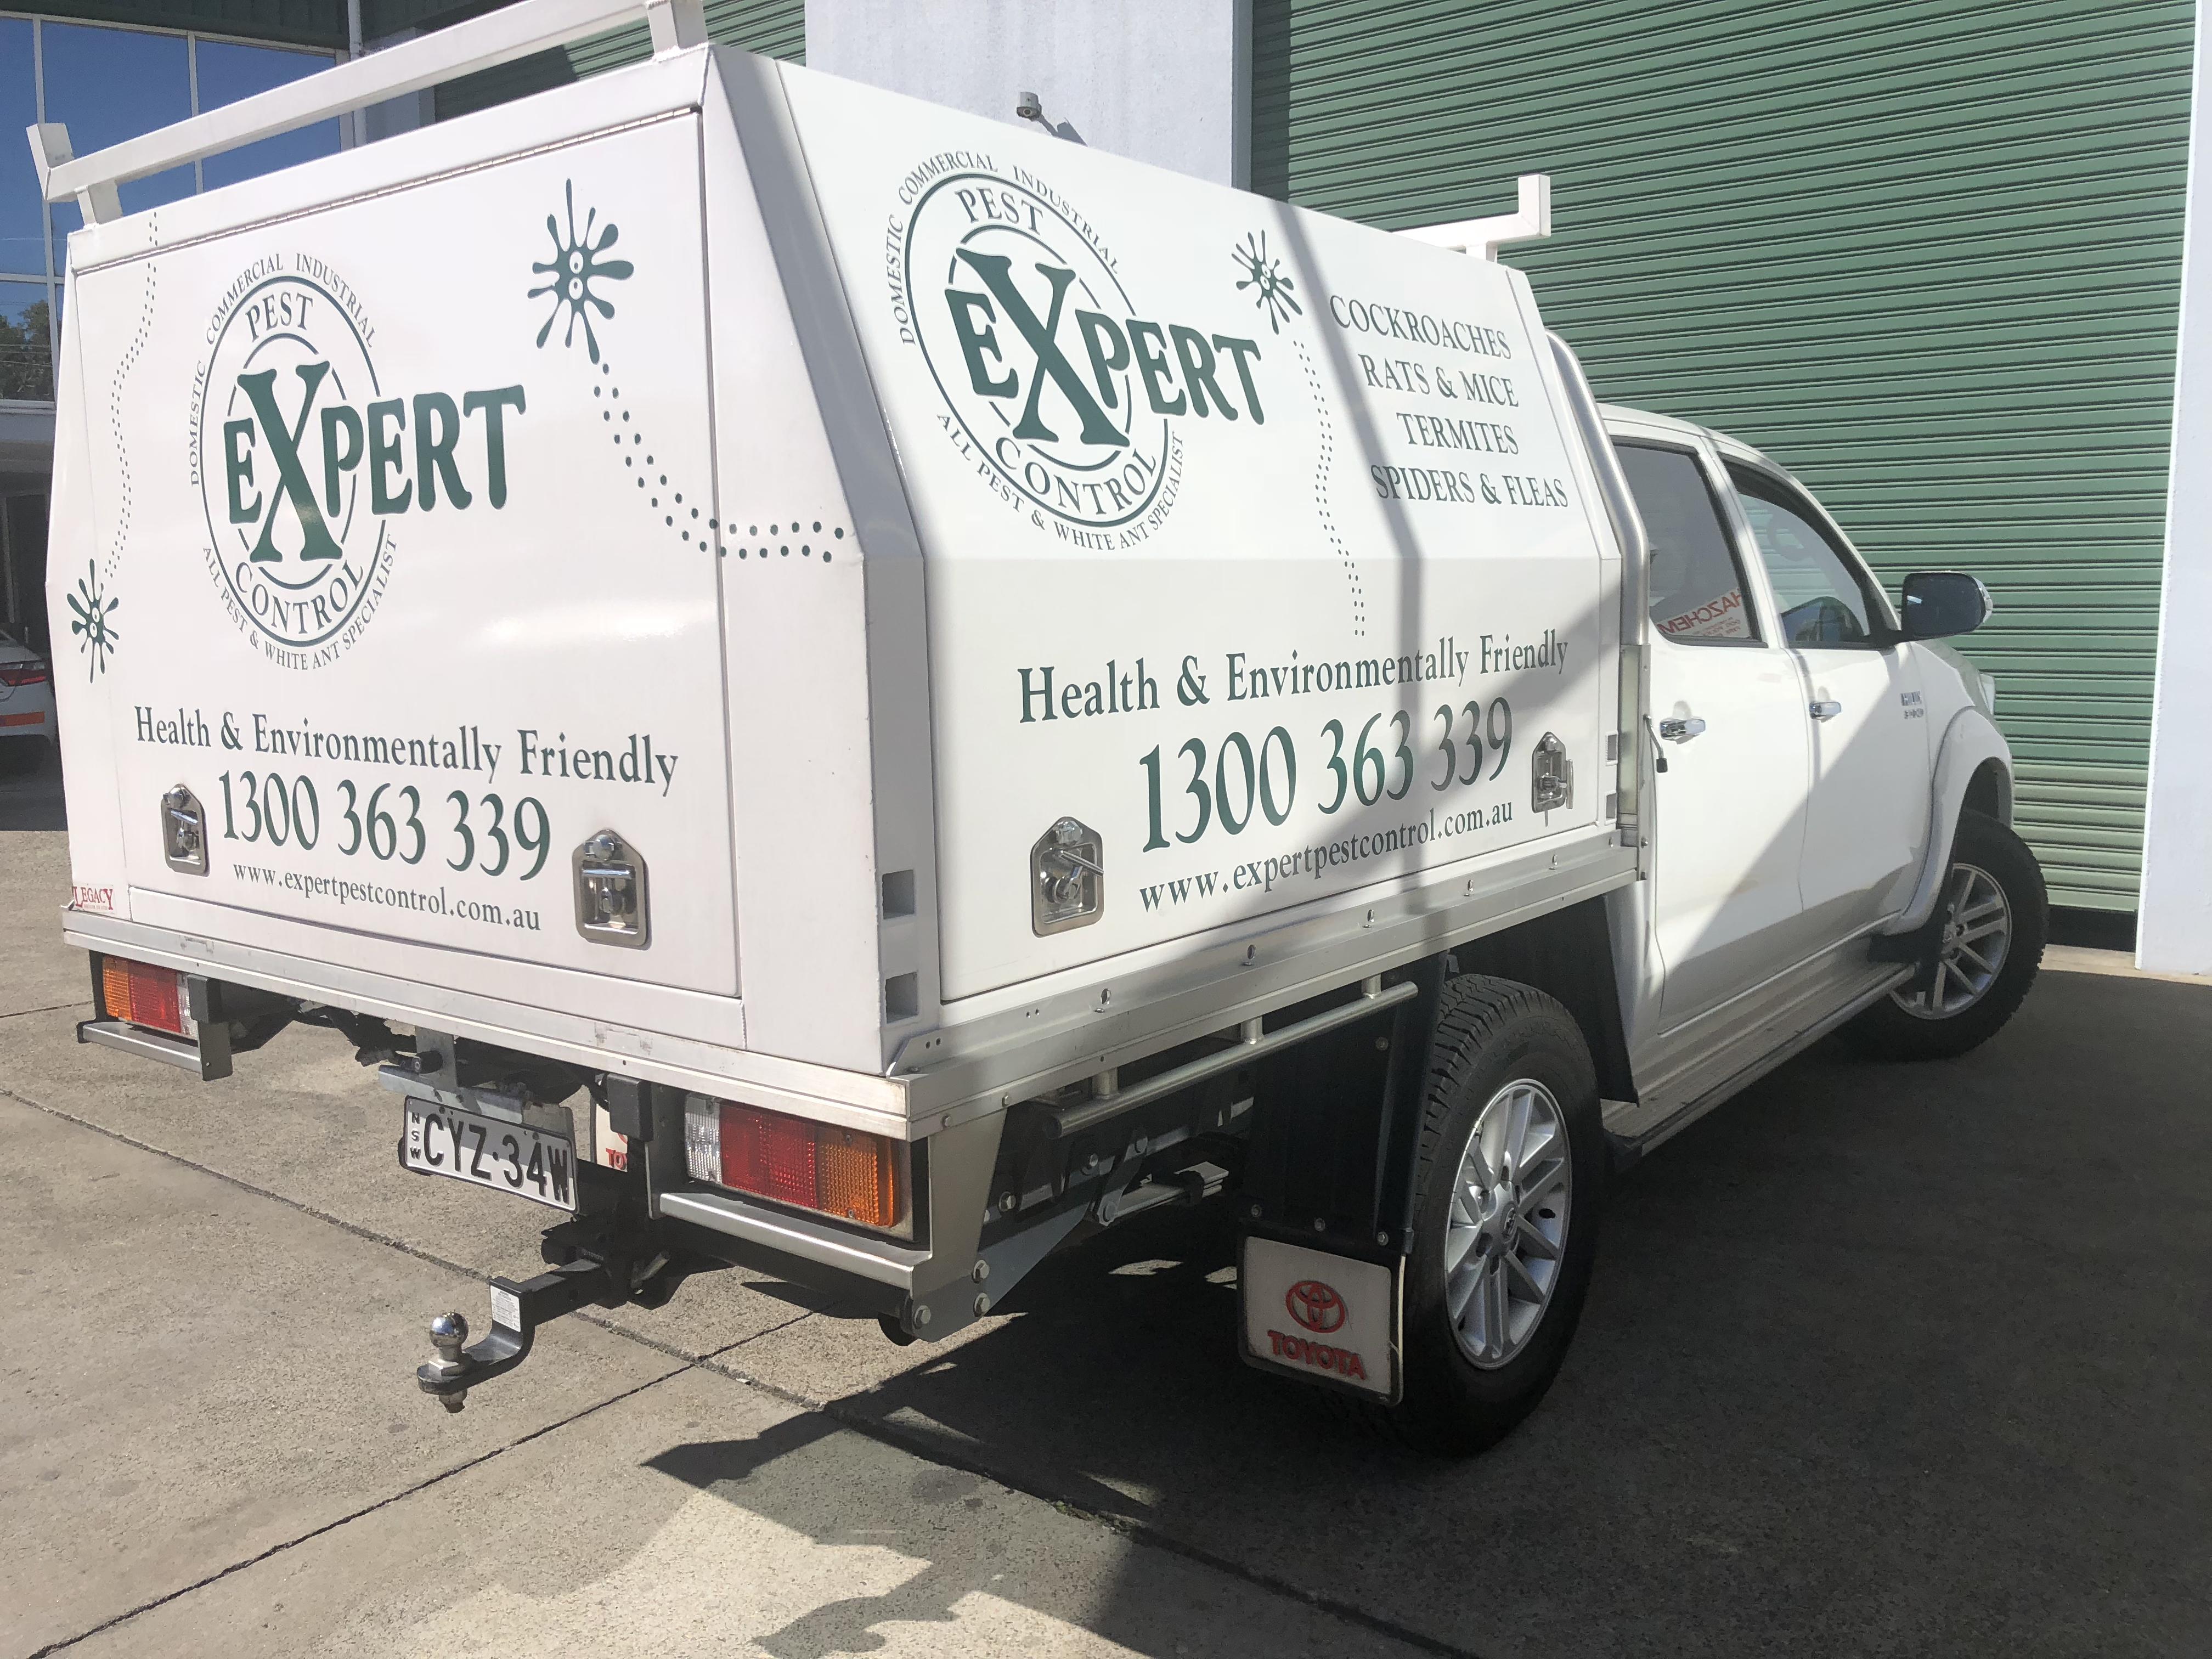 Expert Pest Control Truck